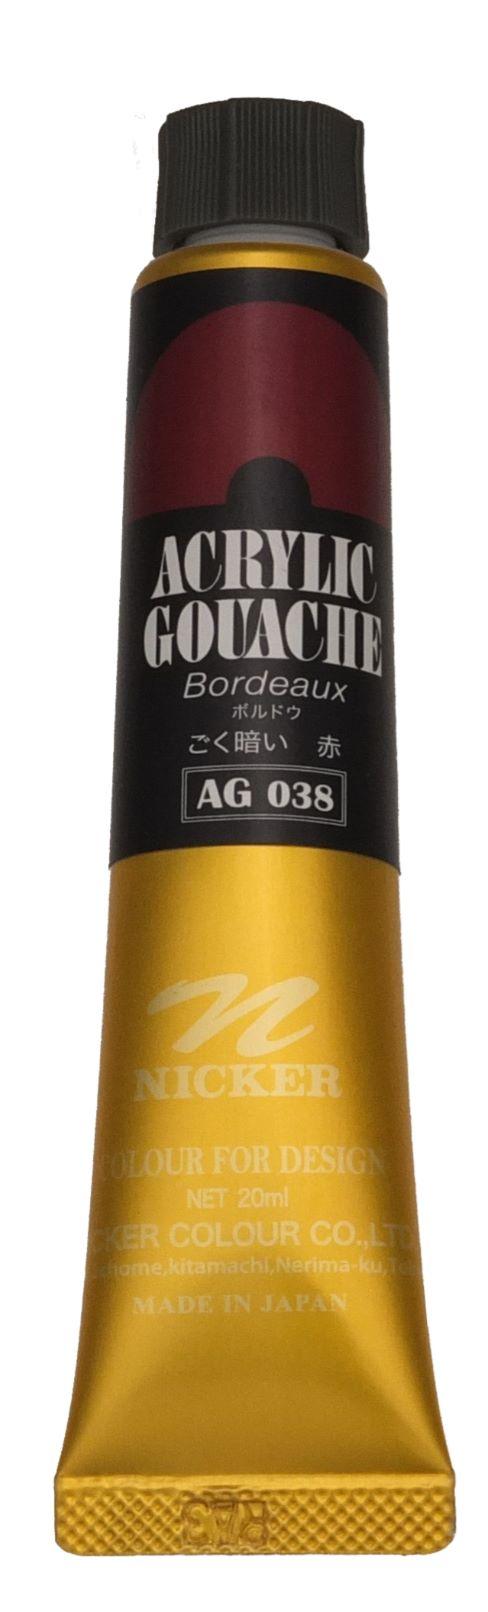 ACRYLIC GOUACHE 20ml AG038 BORDEAUX